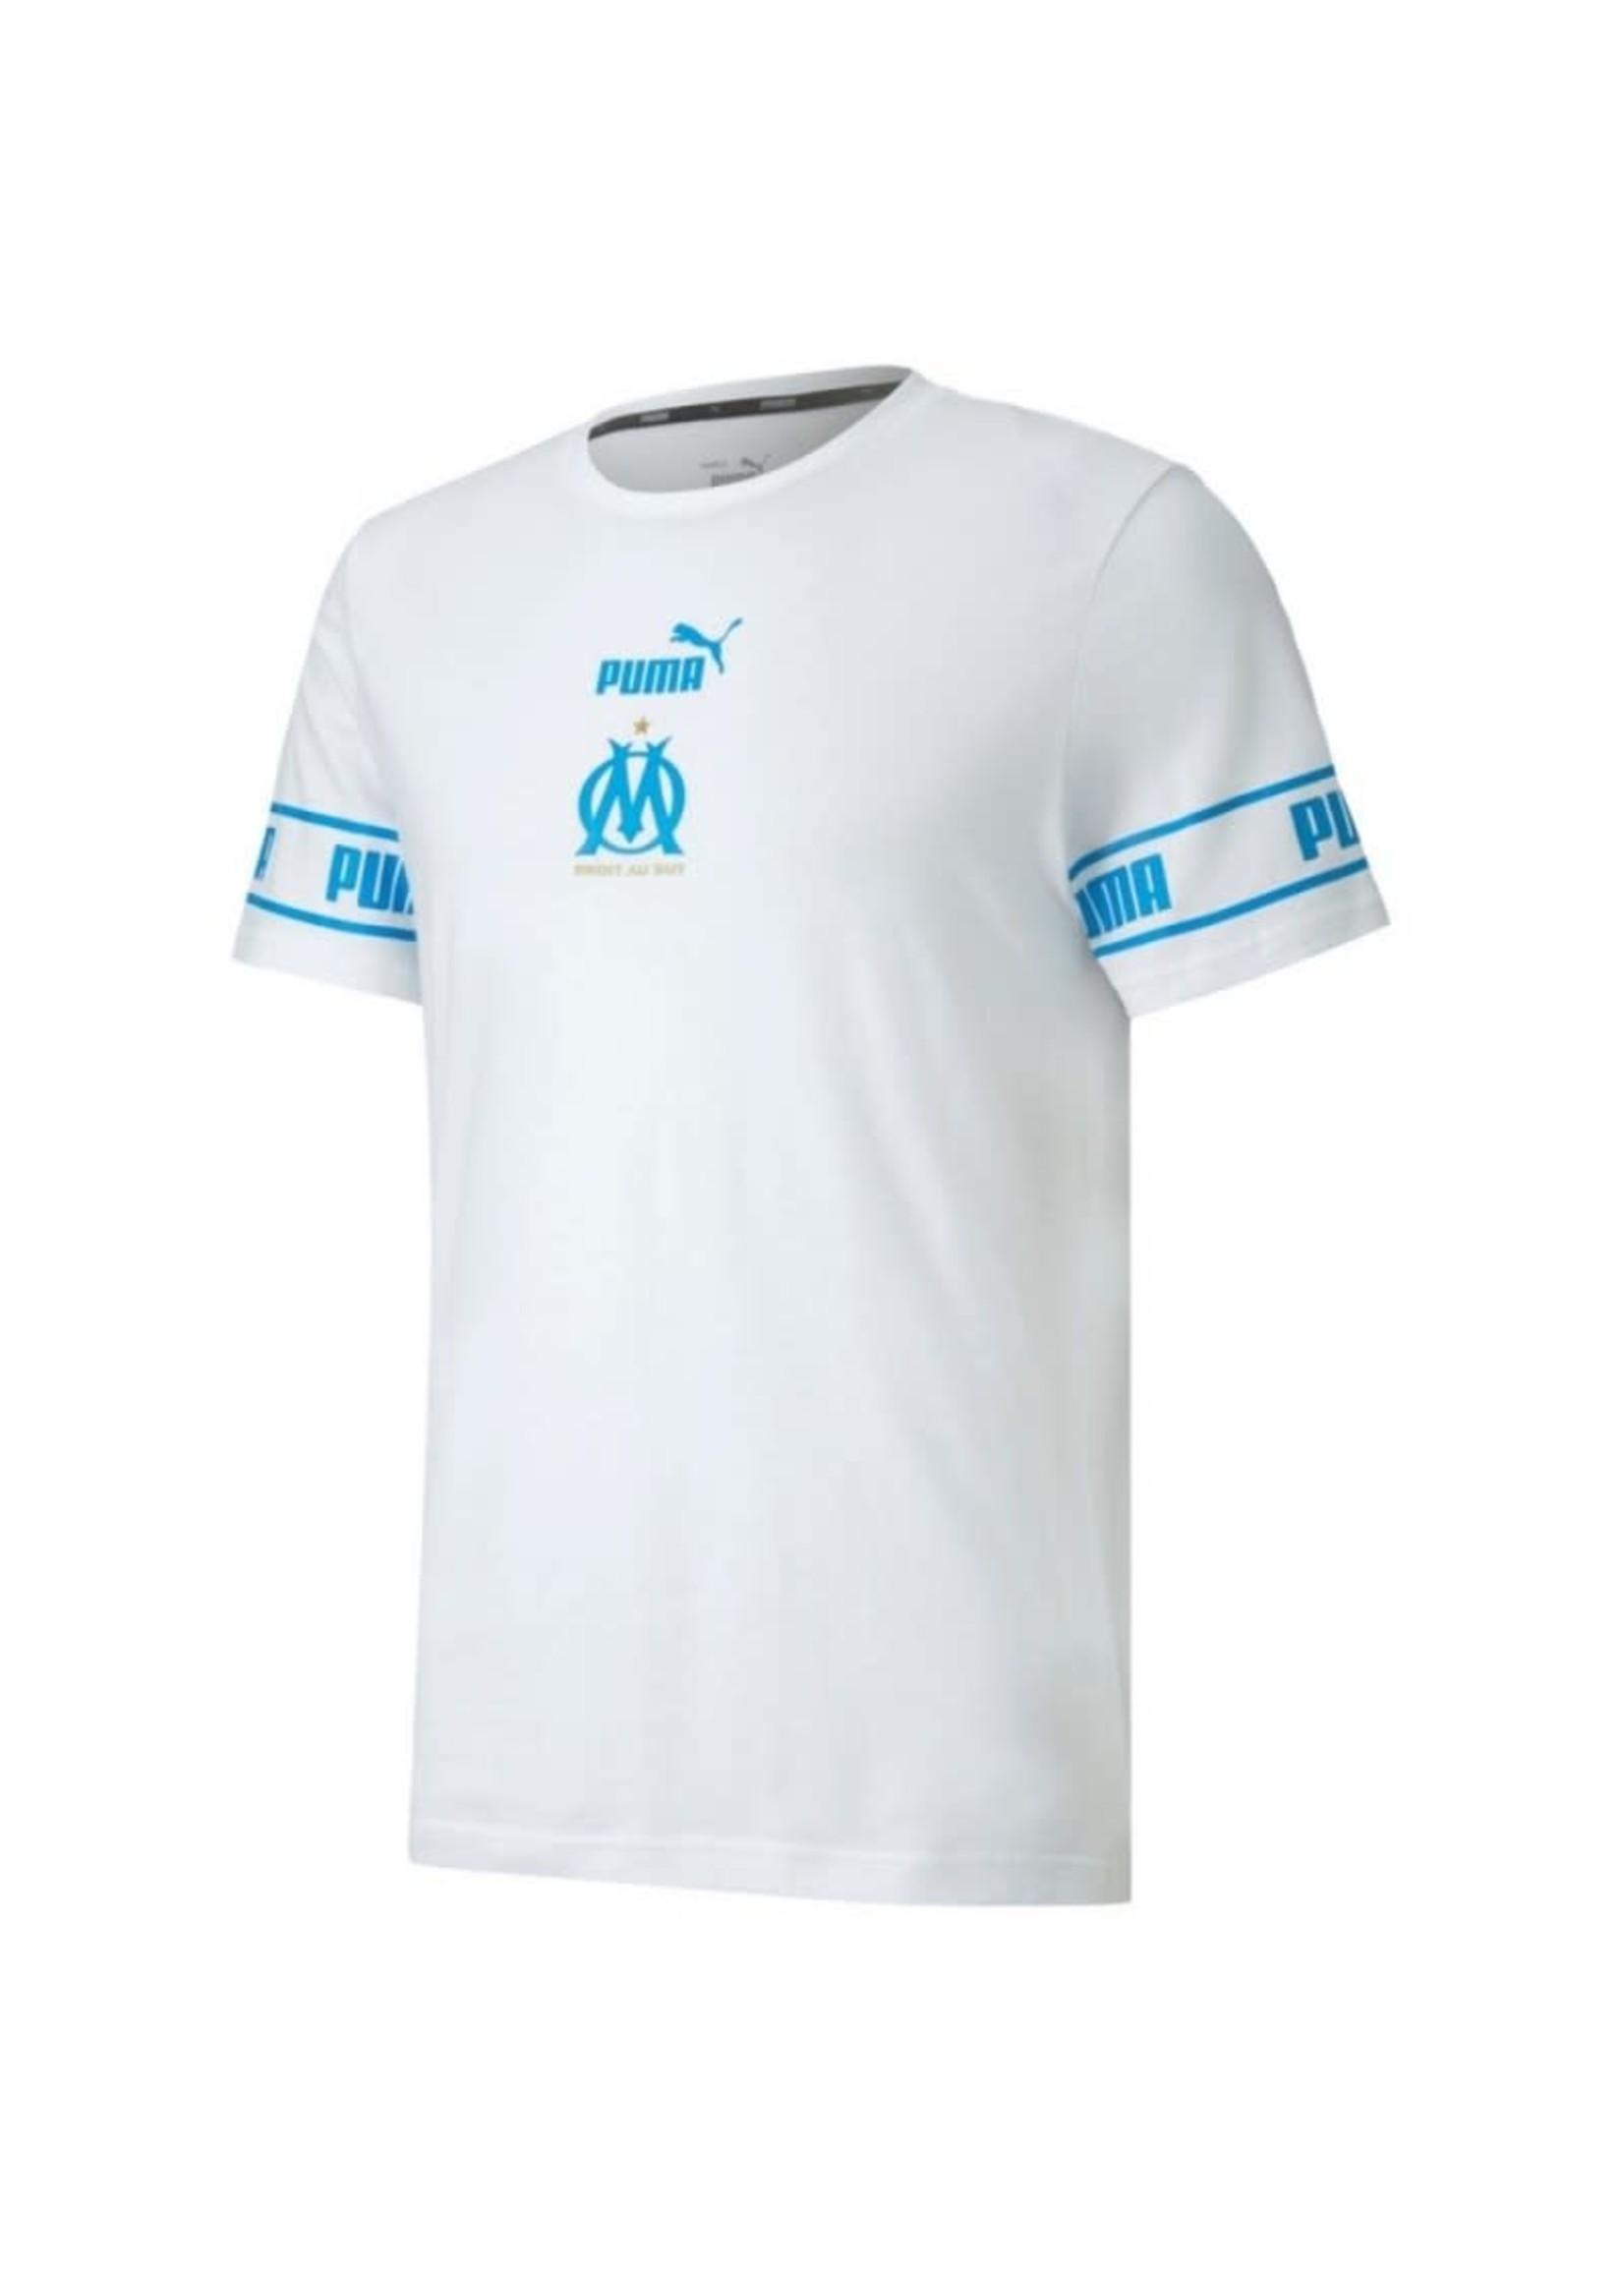 Puma Olympique de Marseille T-Shirt - 20/21 Home